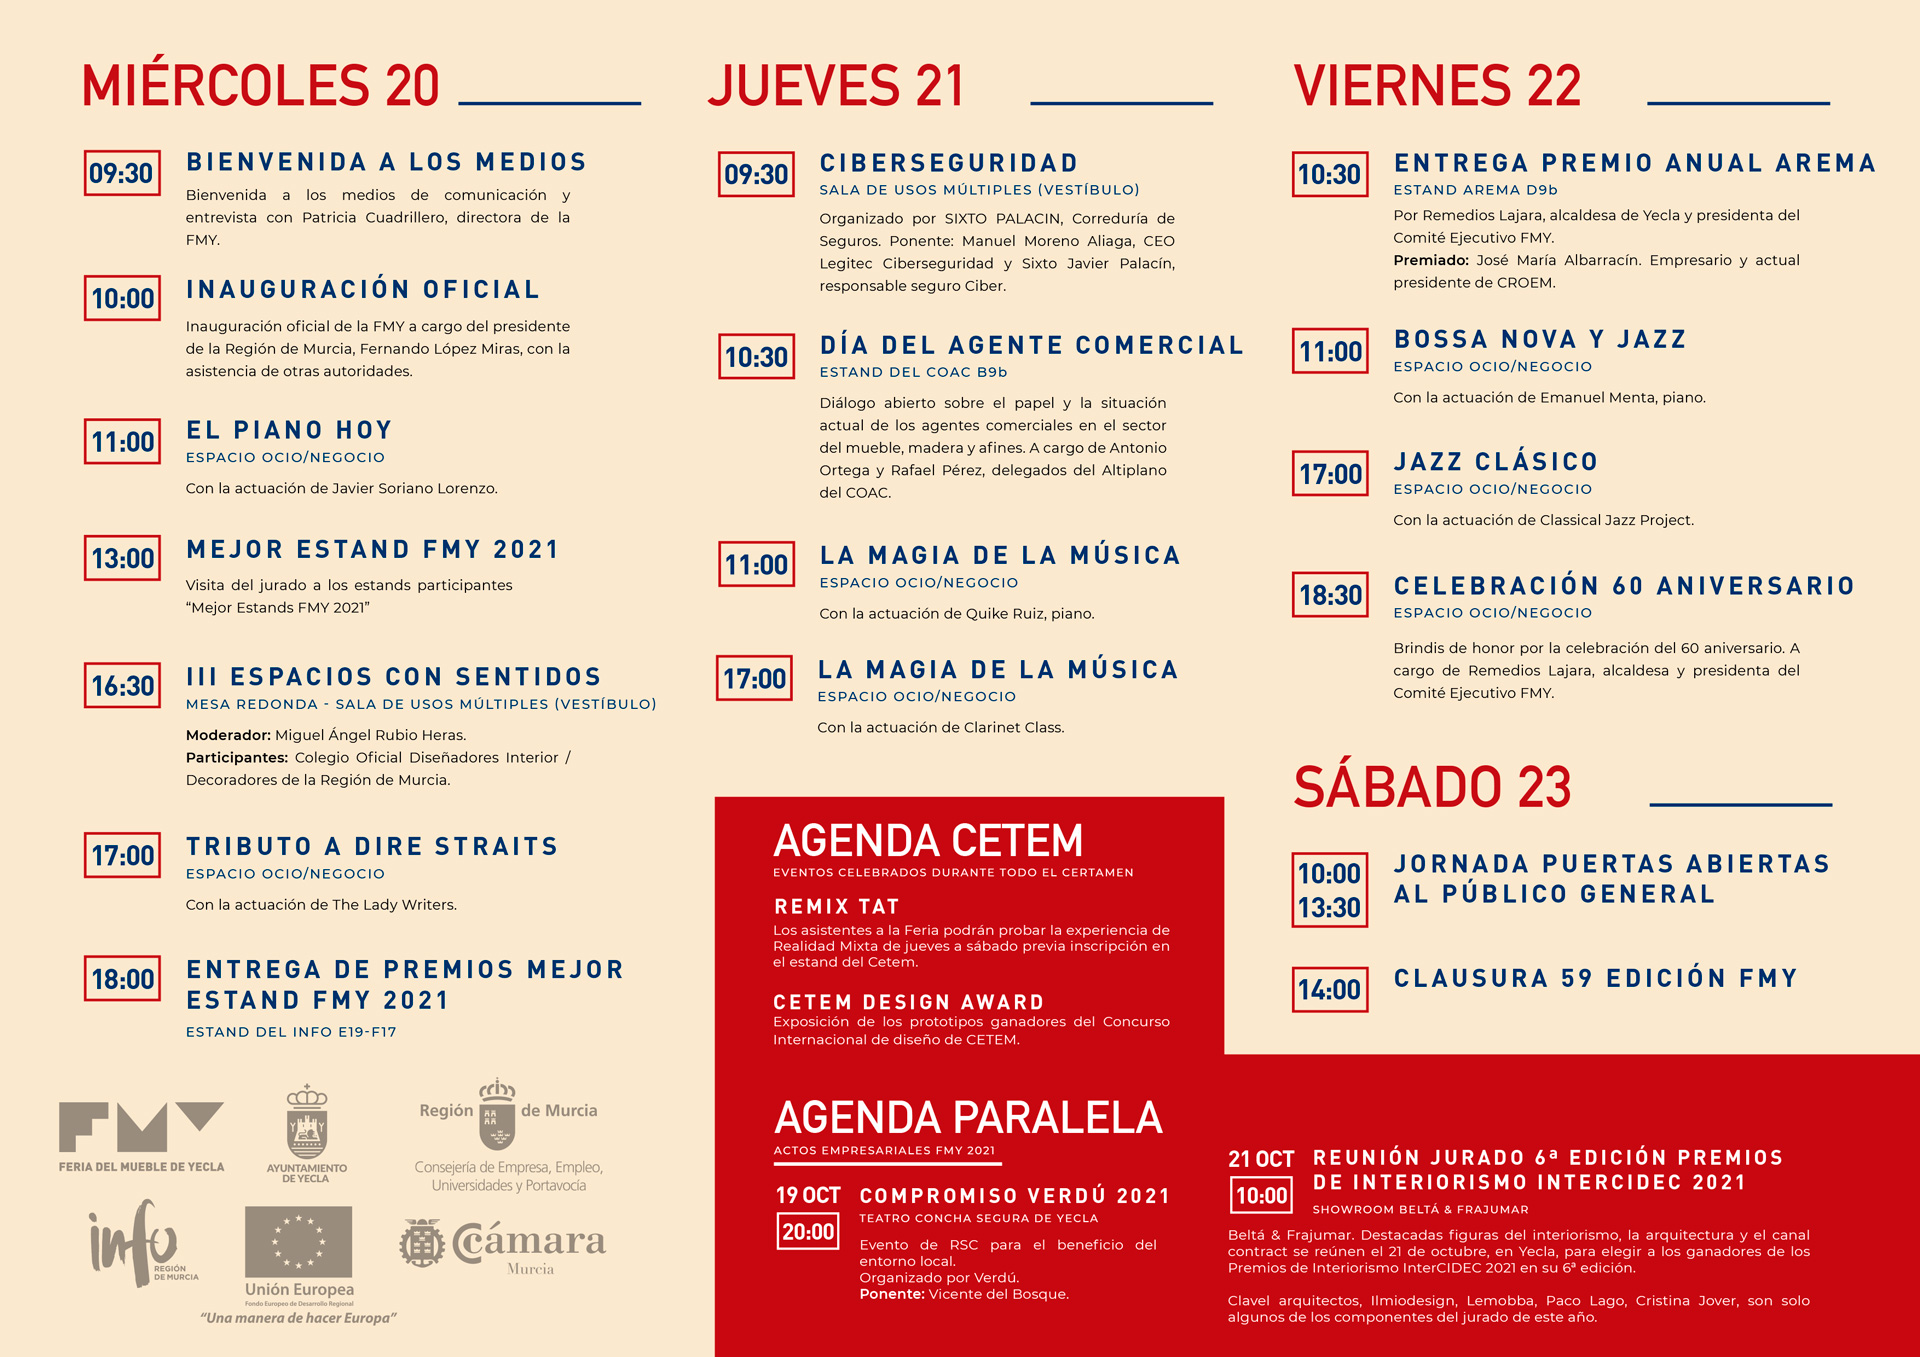 Agenda de la Feria del Mueble Yecla 2021